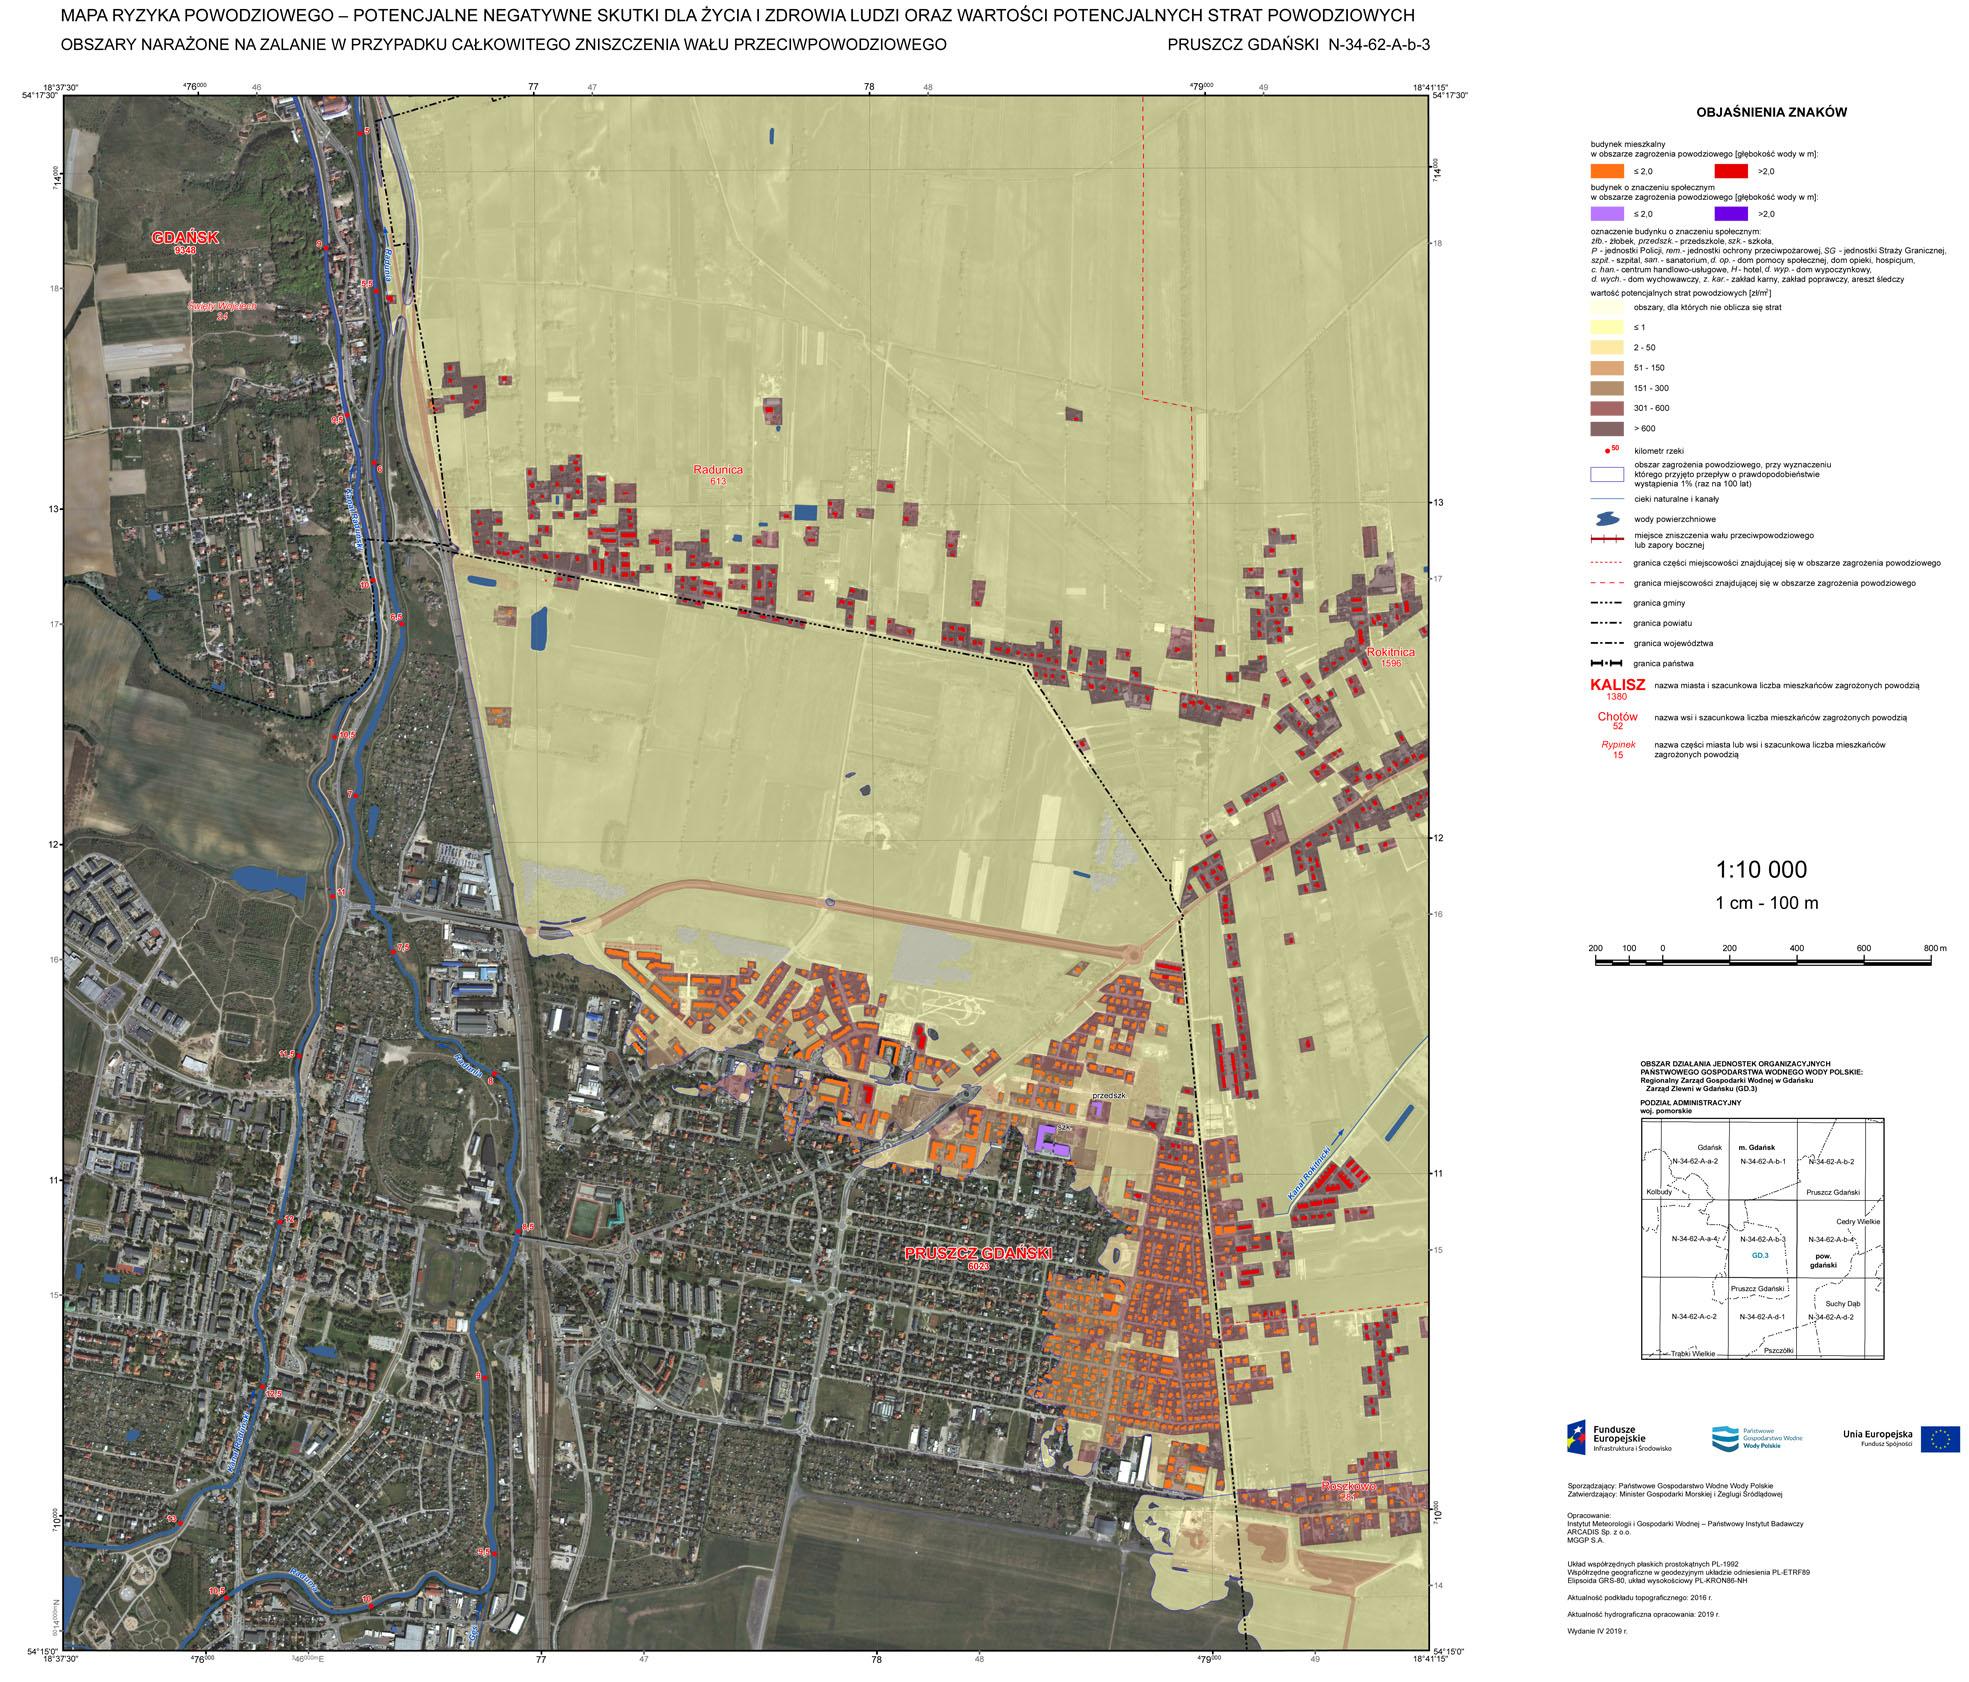 Mapa ryzyka powodziowego; Pruszcz Gdański.